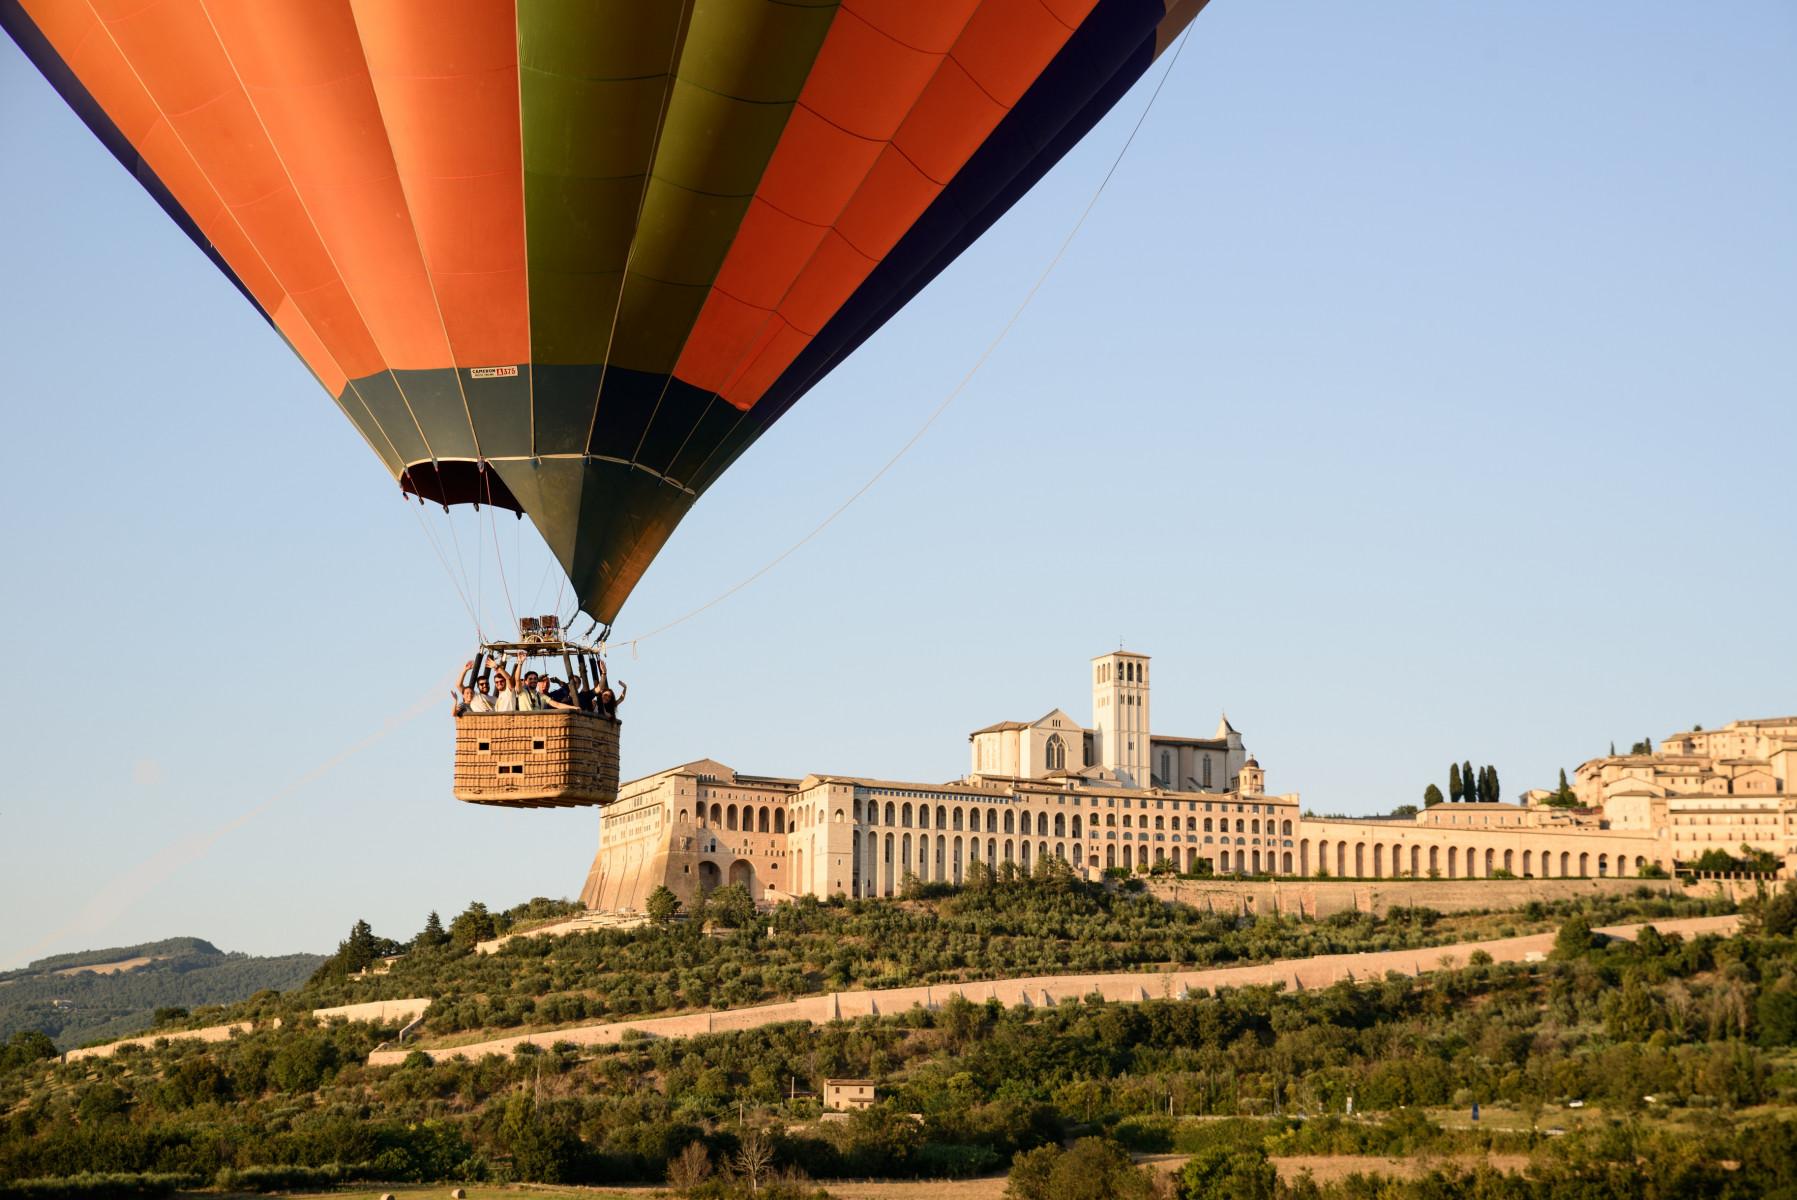 Volo di gruppo in mongolfiera nella Valle di Assisi